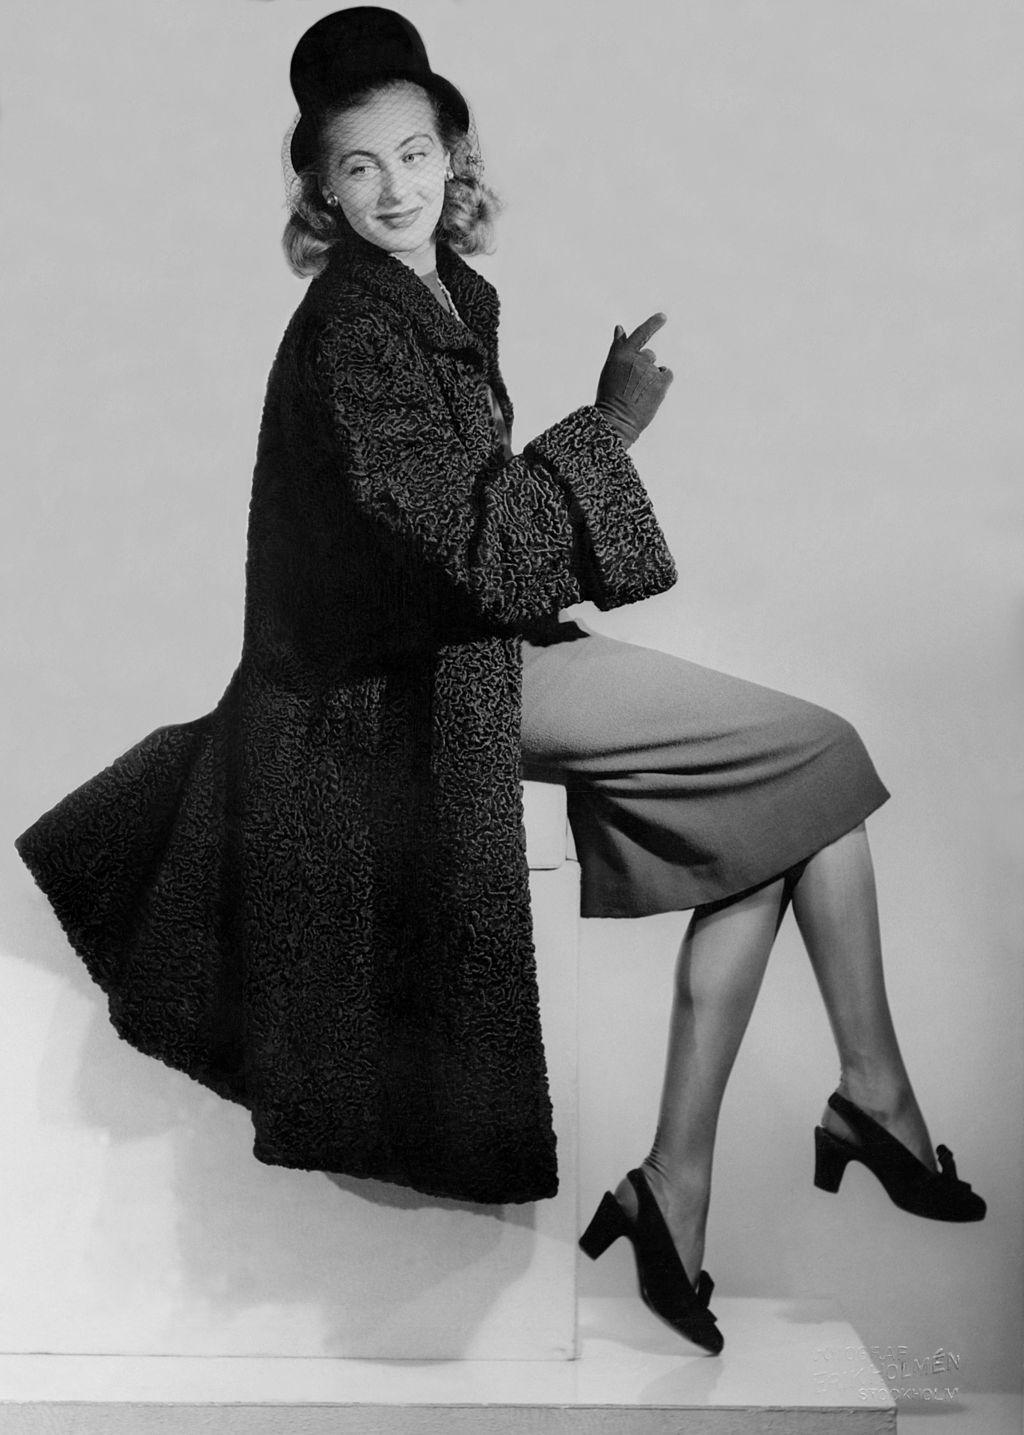 860026b0129a Nordiska Kompaniet visar pälsmode. Modell klädd i persianpäls och hatt med  flor. 1945. Foto: Erik Holmén. CC-BY.